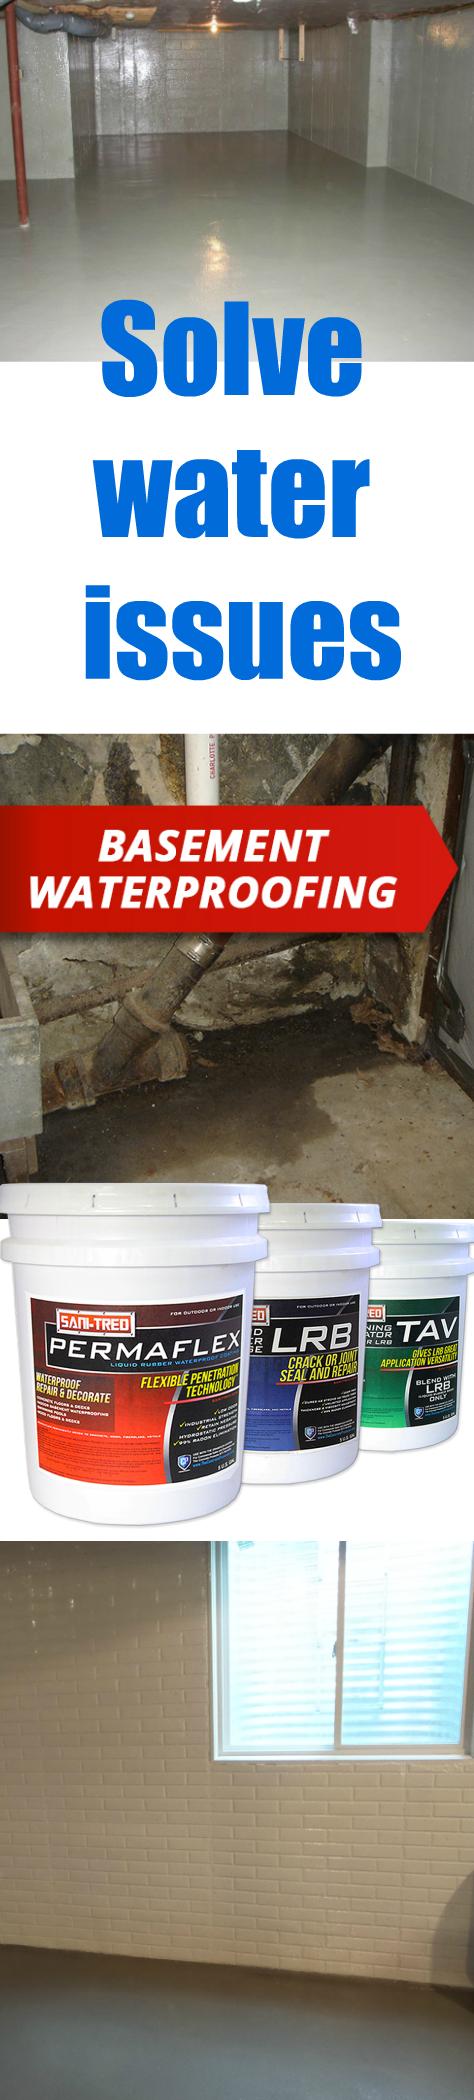 best images about basement options on pinterest basements